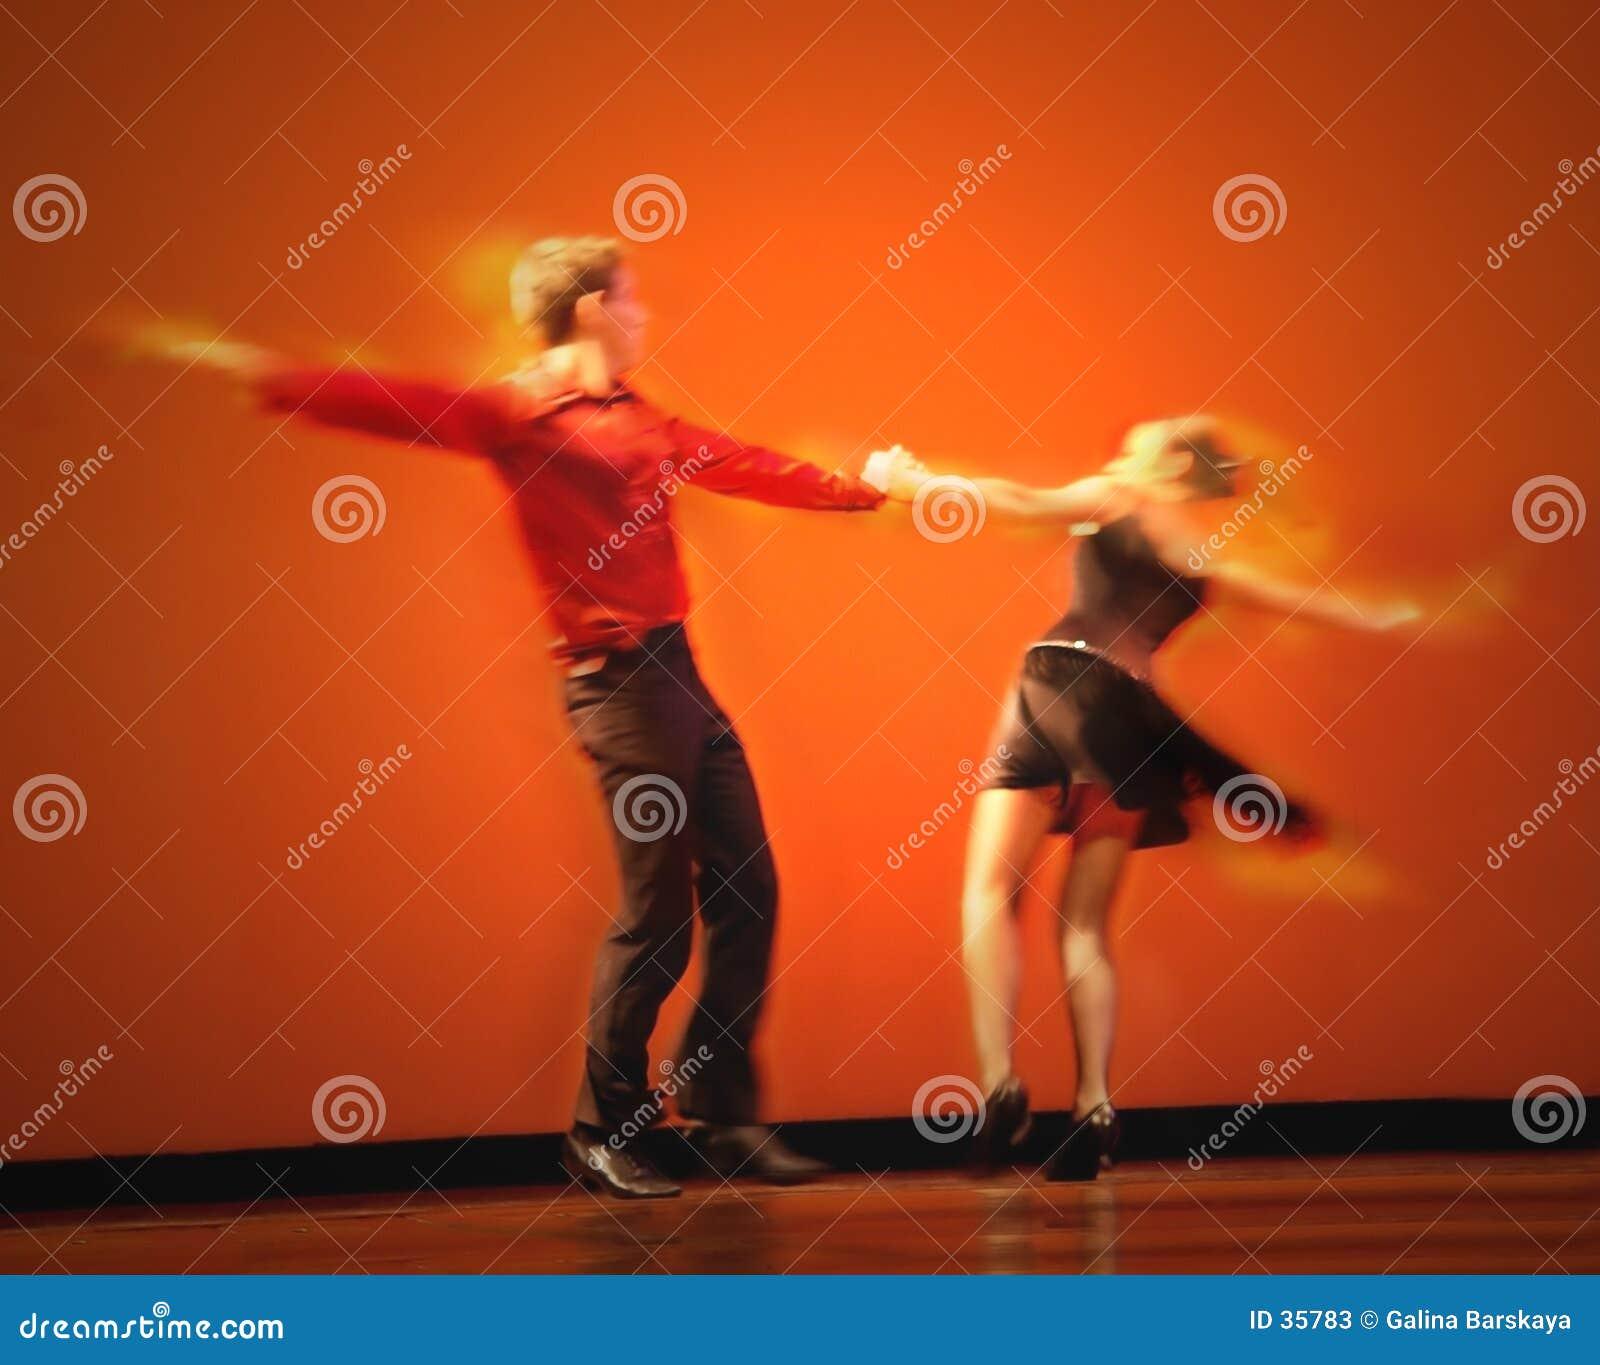 Download Klassieke Dansers stock afbeelding. Afbeelding bestaande uit gouden - 35783